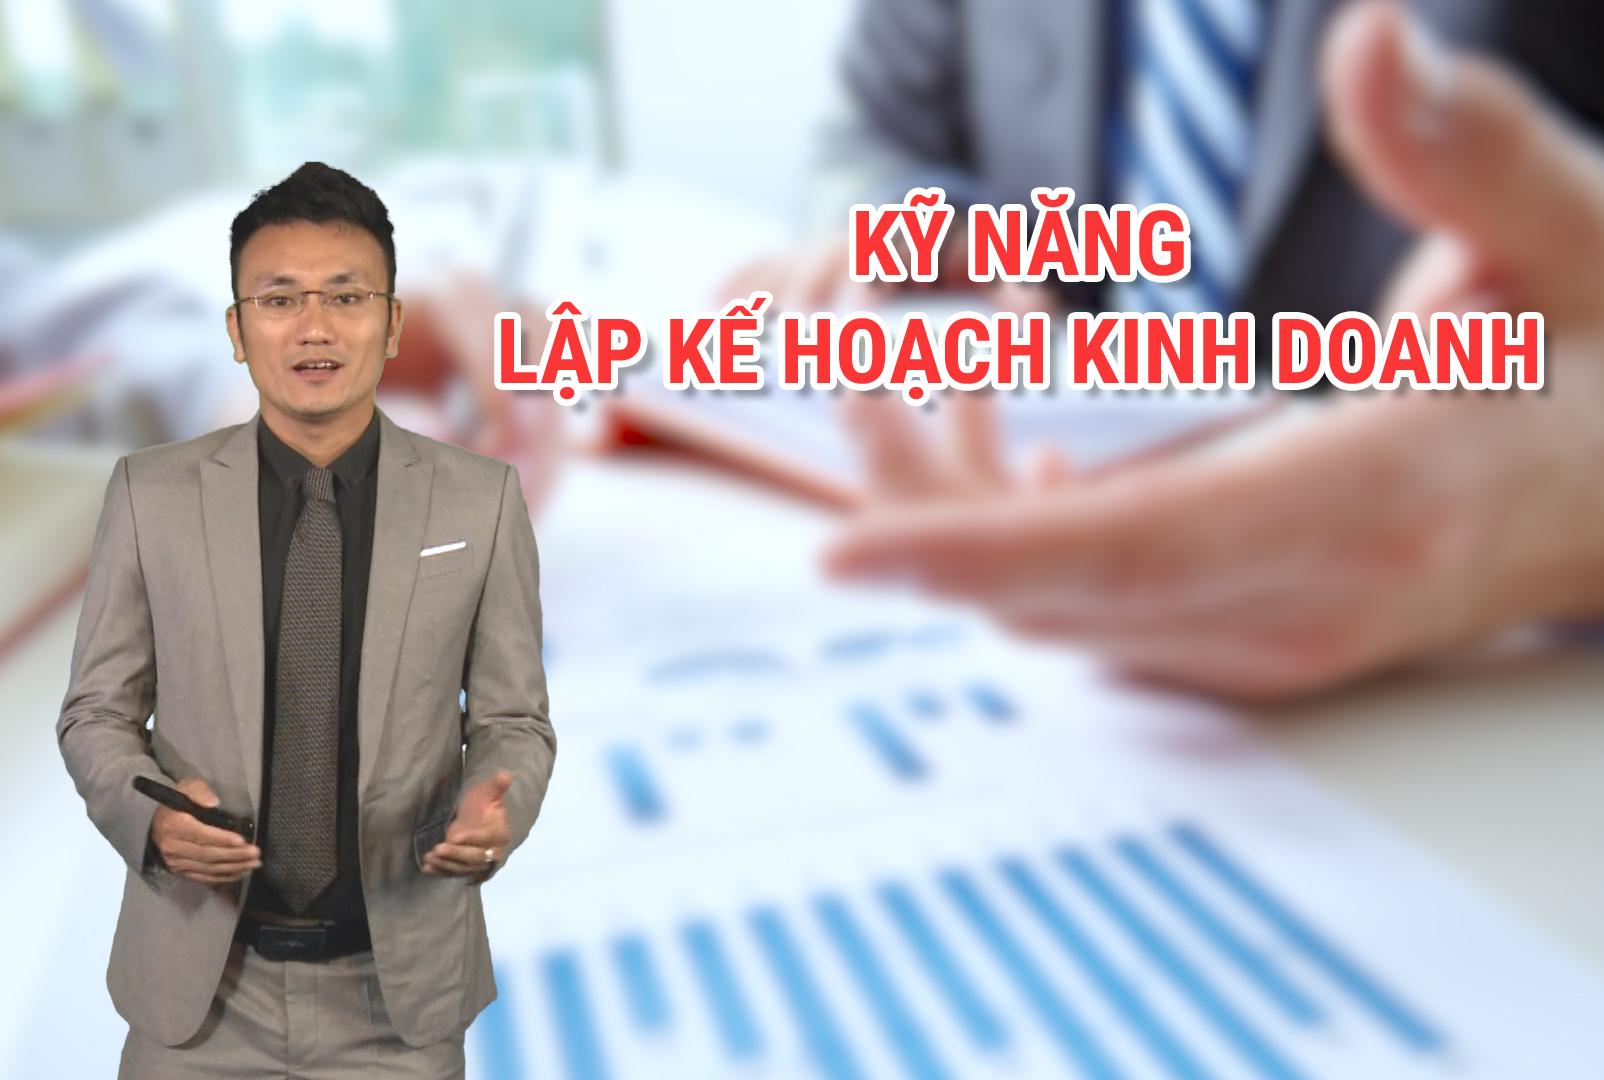 Kỹ năng lập kế hoạch kinh doanh